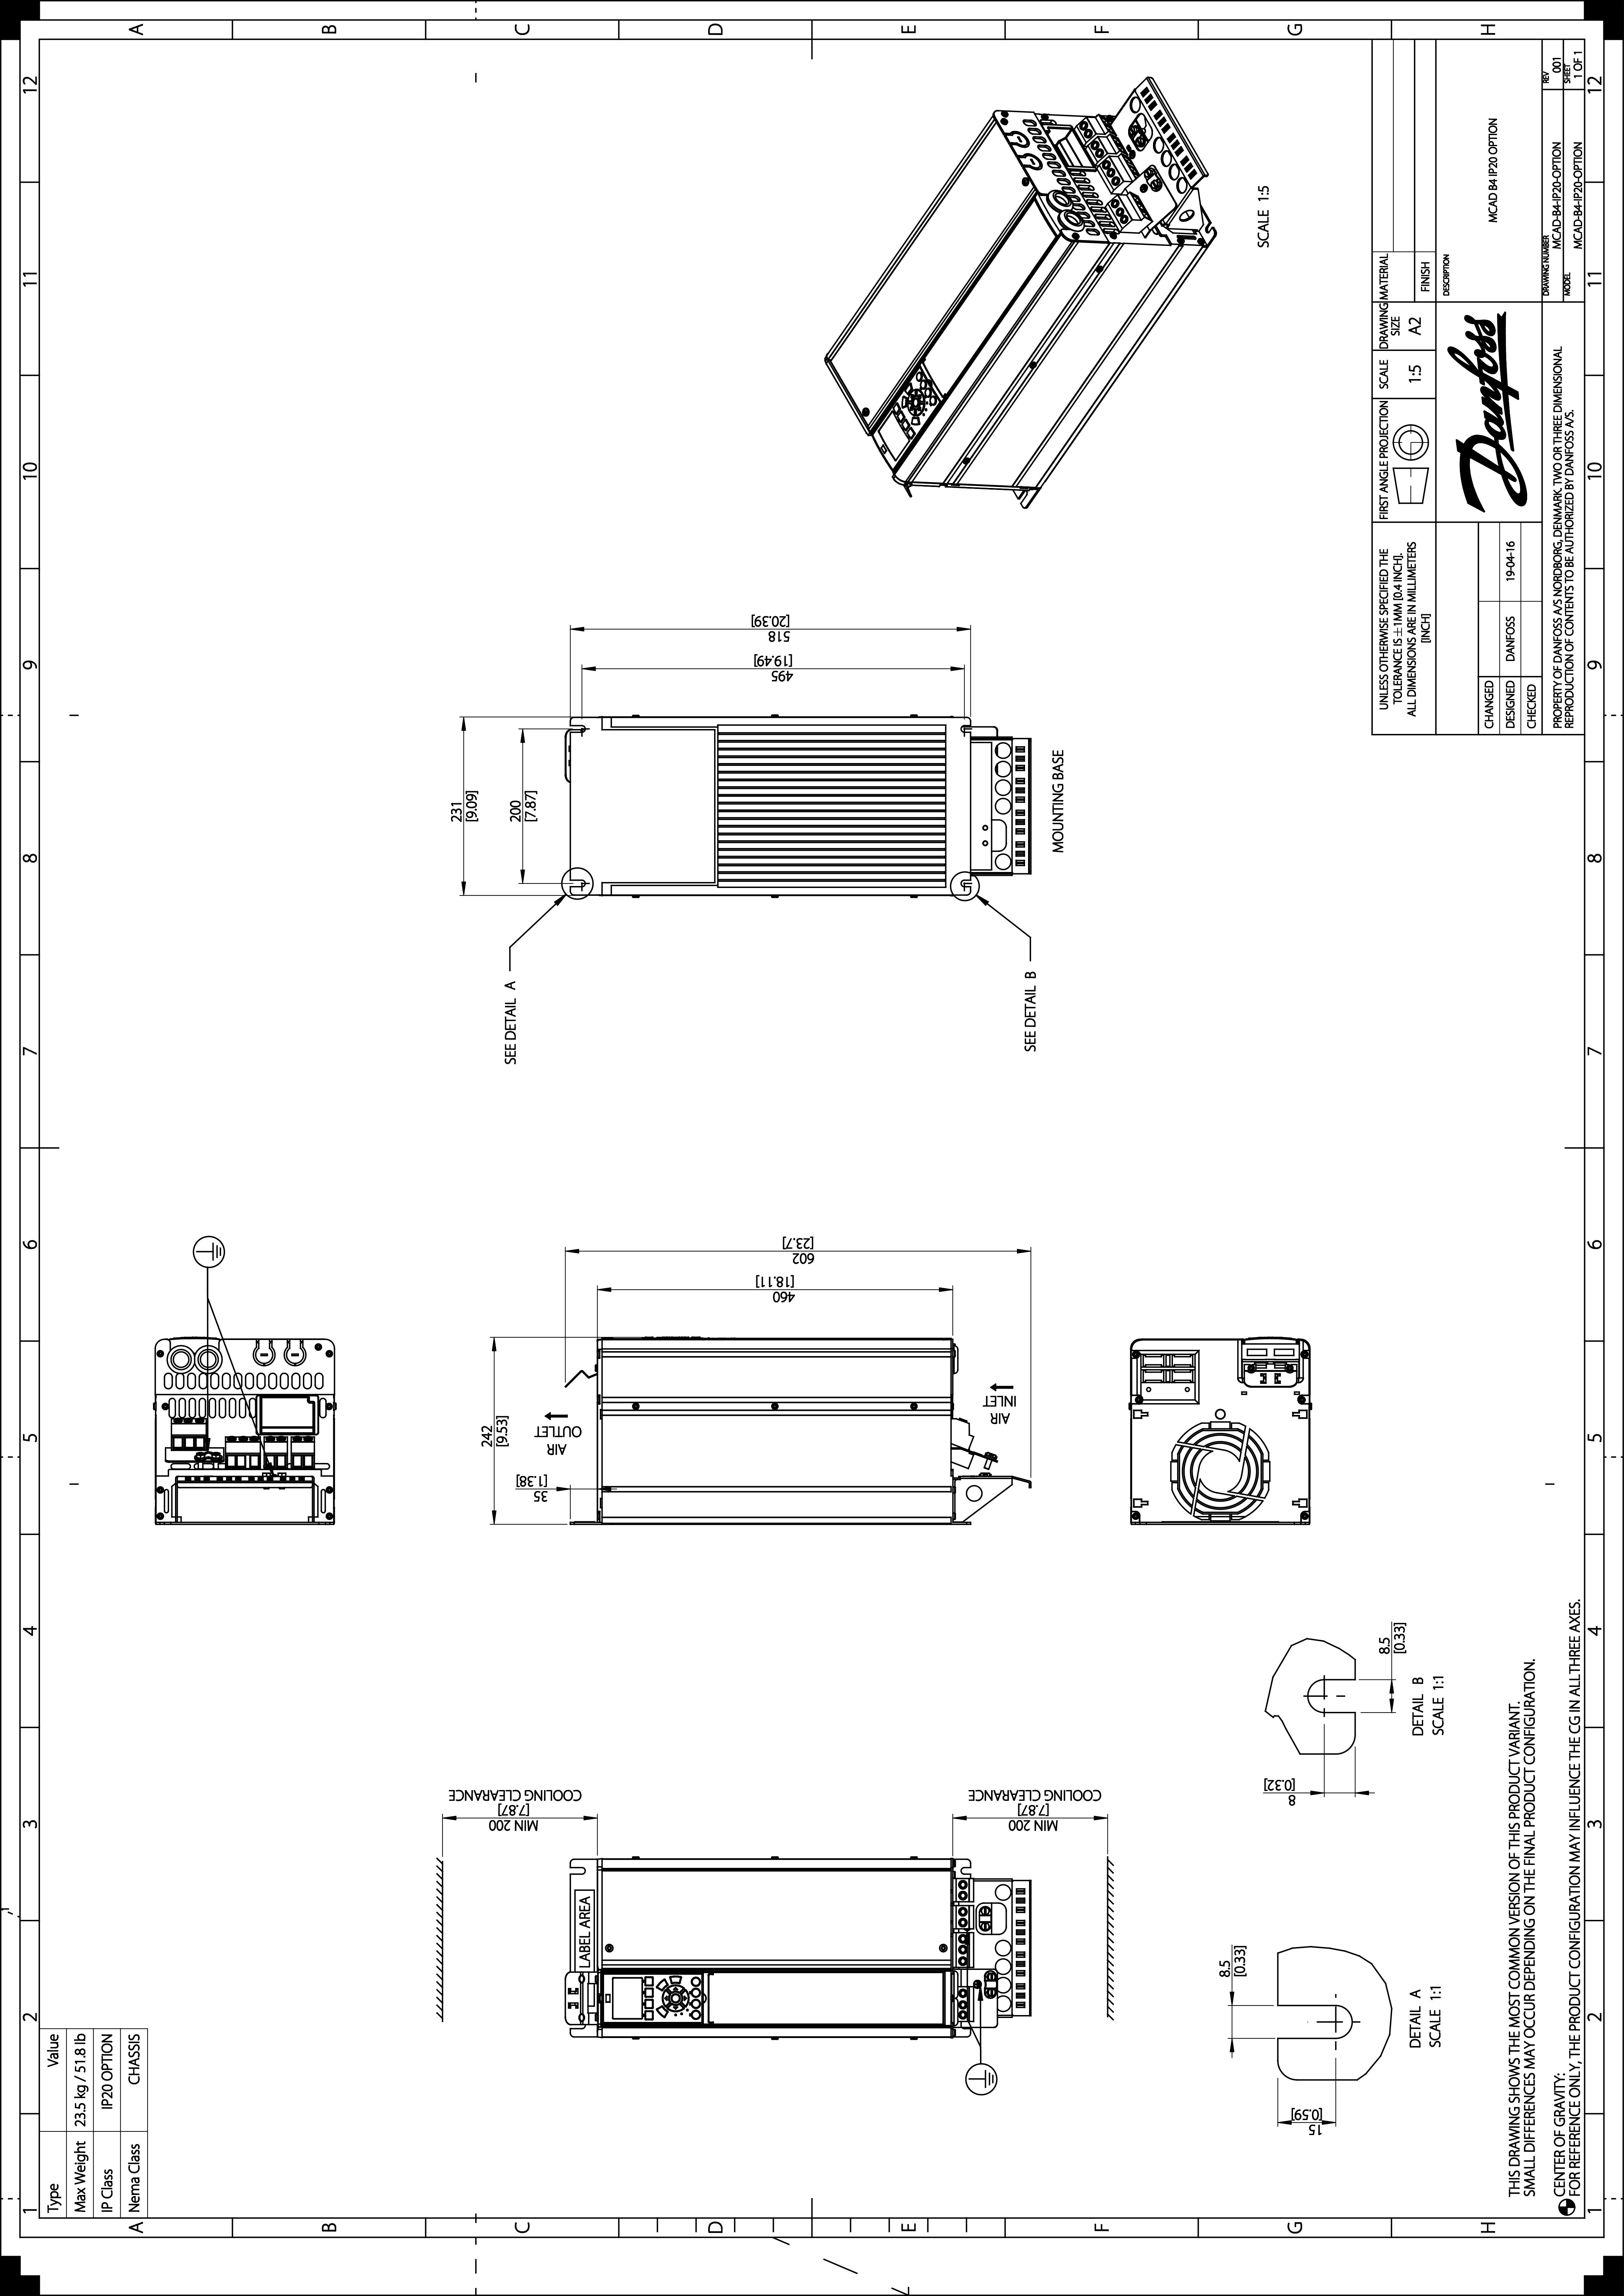 Enhanced VLT® HVAC Drive FC 102 | Danfoss on